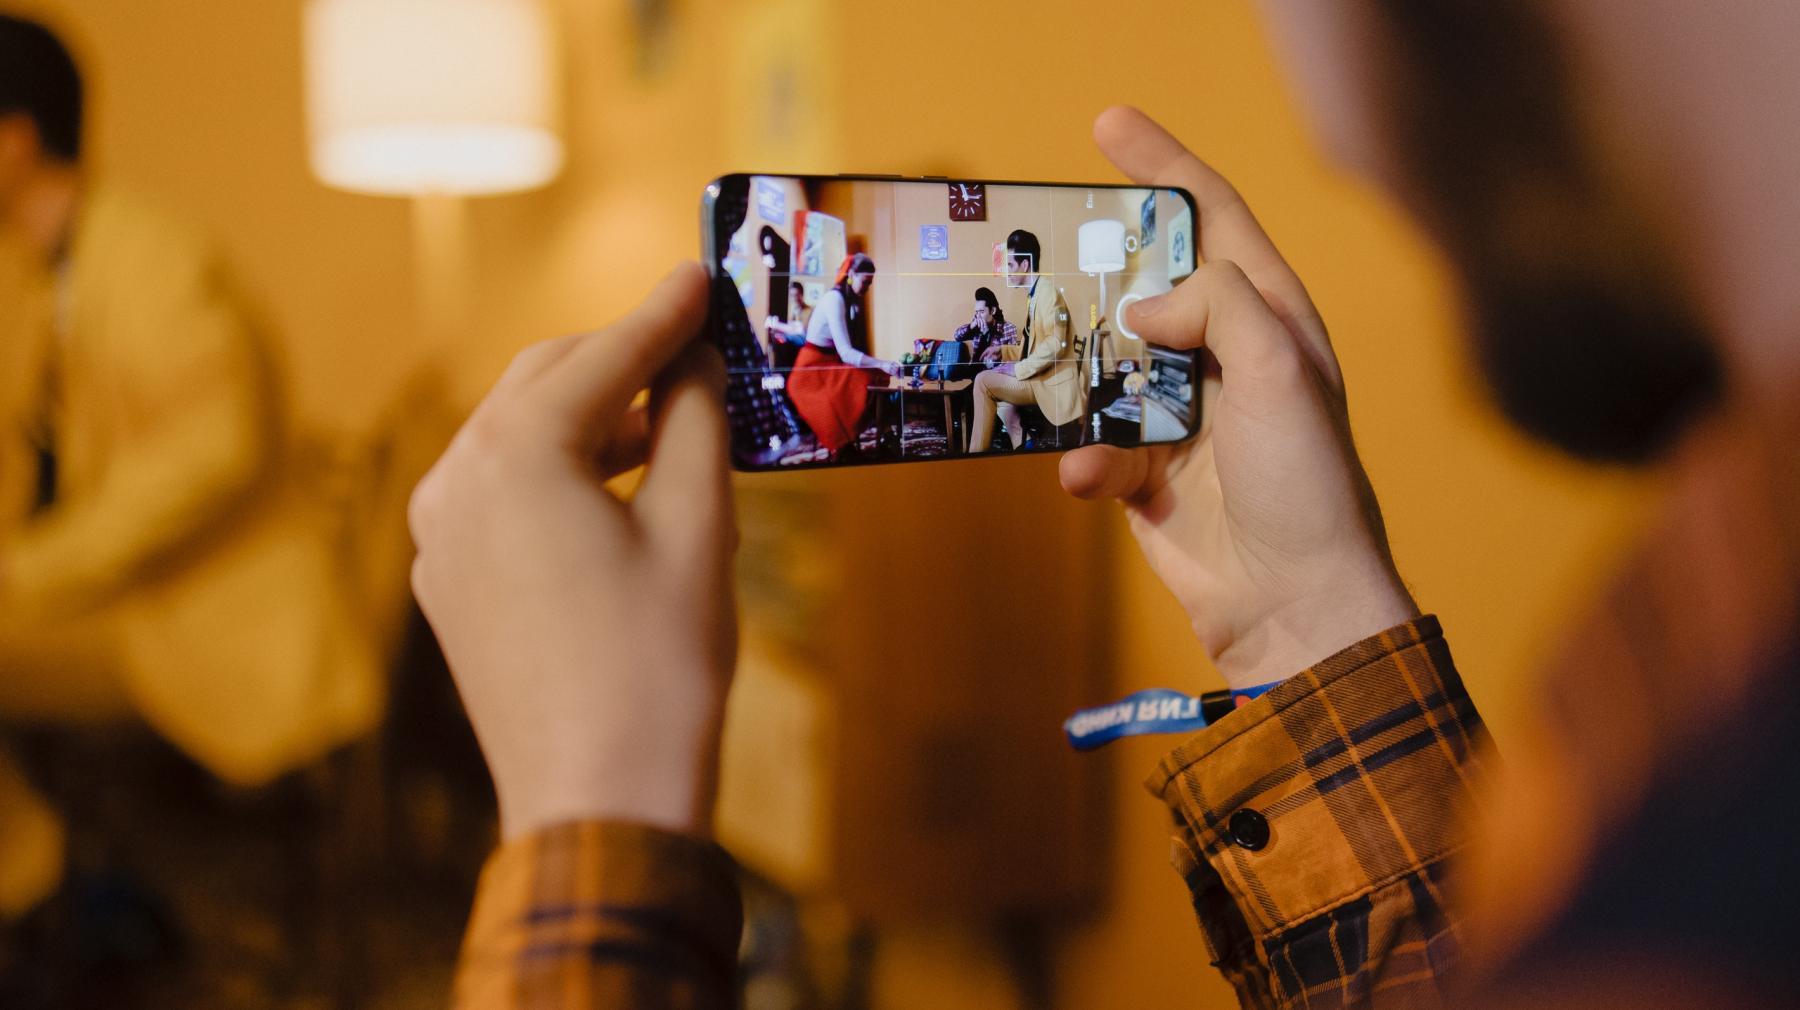 Фото Битва iPhone 13 vs Xiaomi 11T: «Кураж-Бамбей» озвучит китайскую презентацию 15 сентября 2021 года, а Apple сегодня покажет новый айфон 5